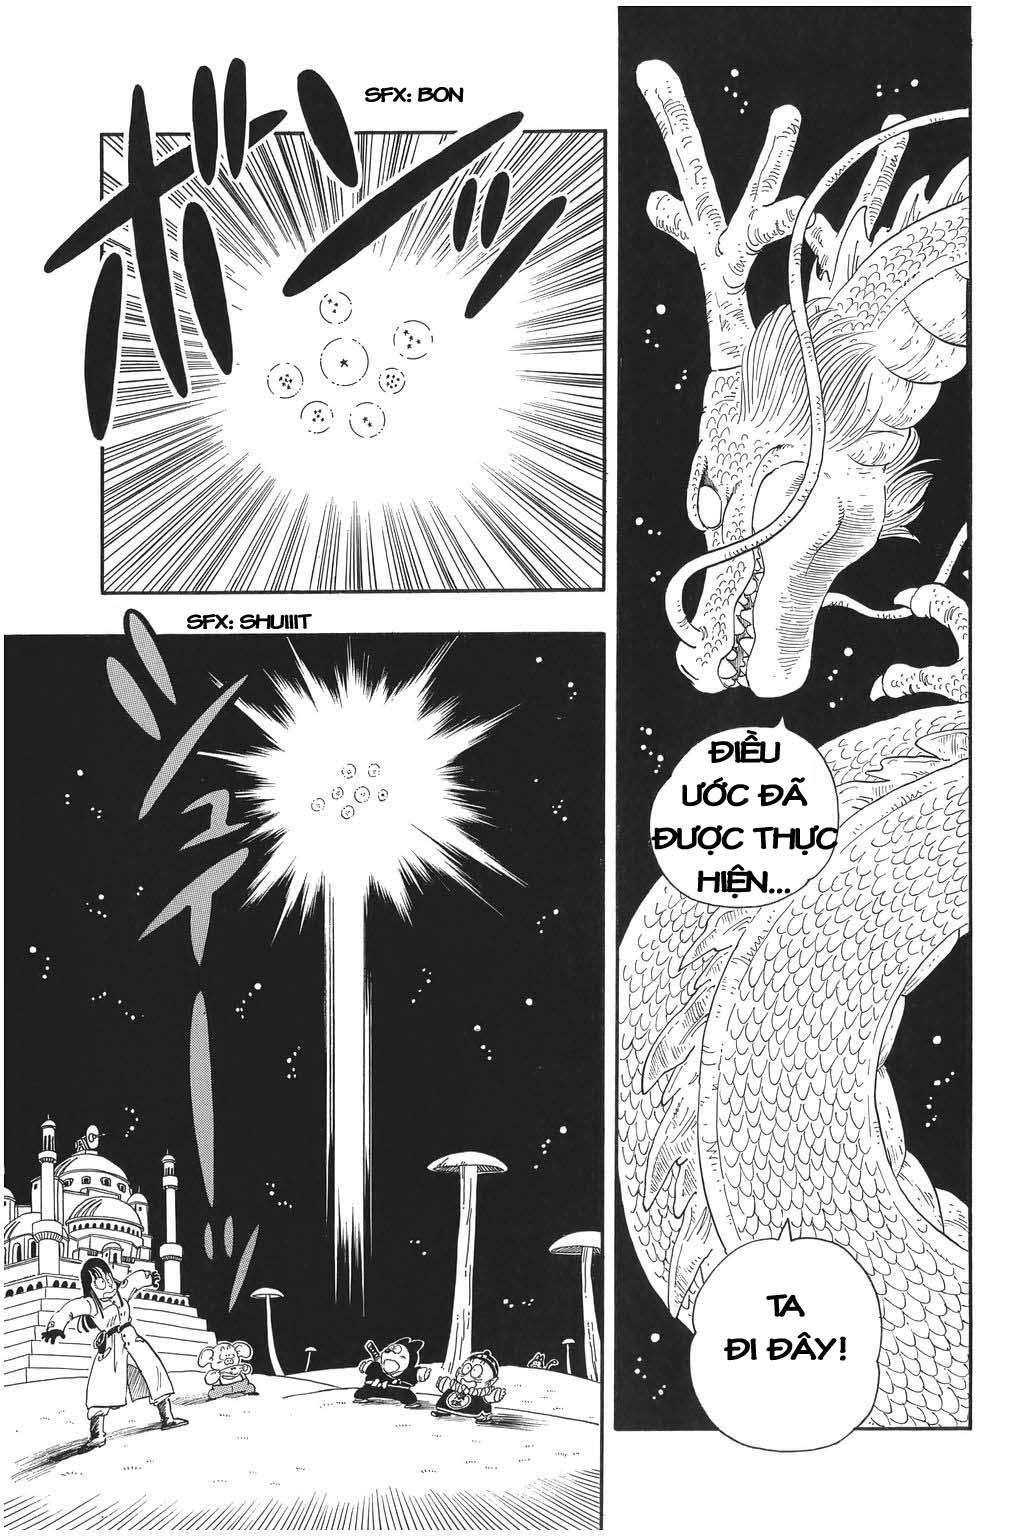 xem truyen moi - Dragon Ball Bản Vip - Bản Đẹp Nguyên Gốc Chap 20